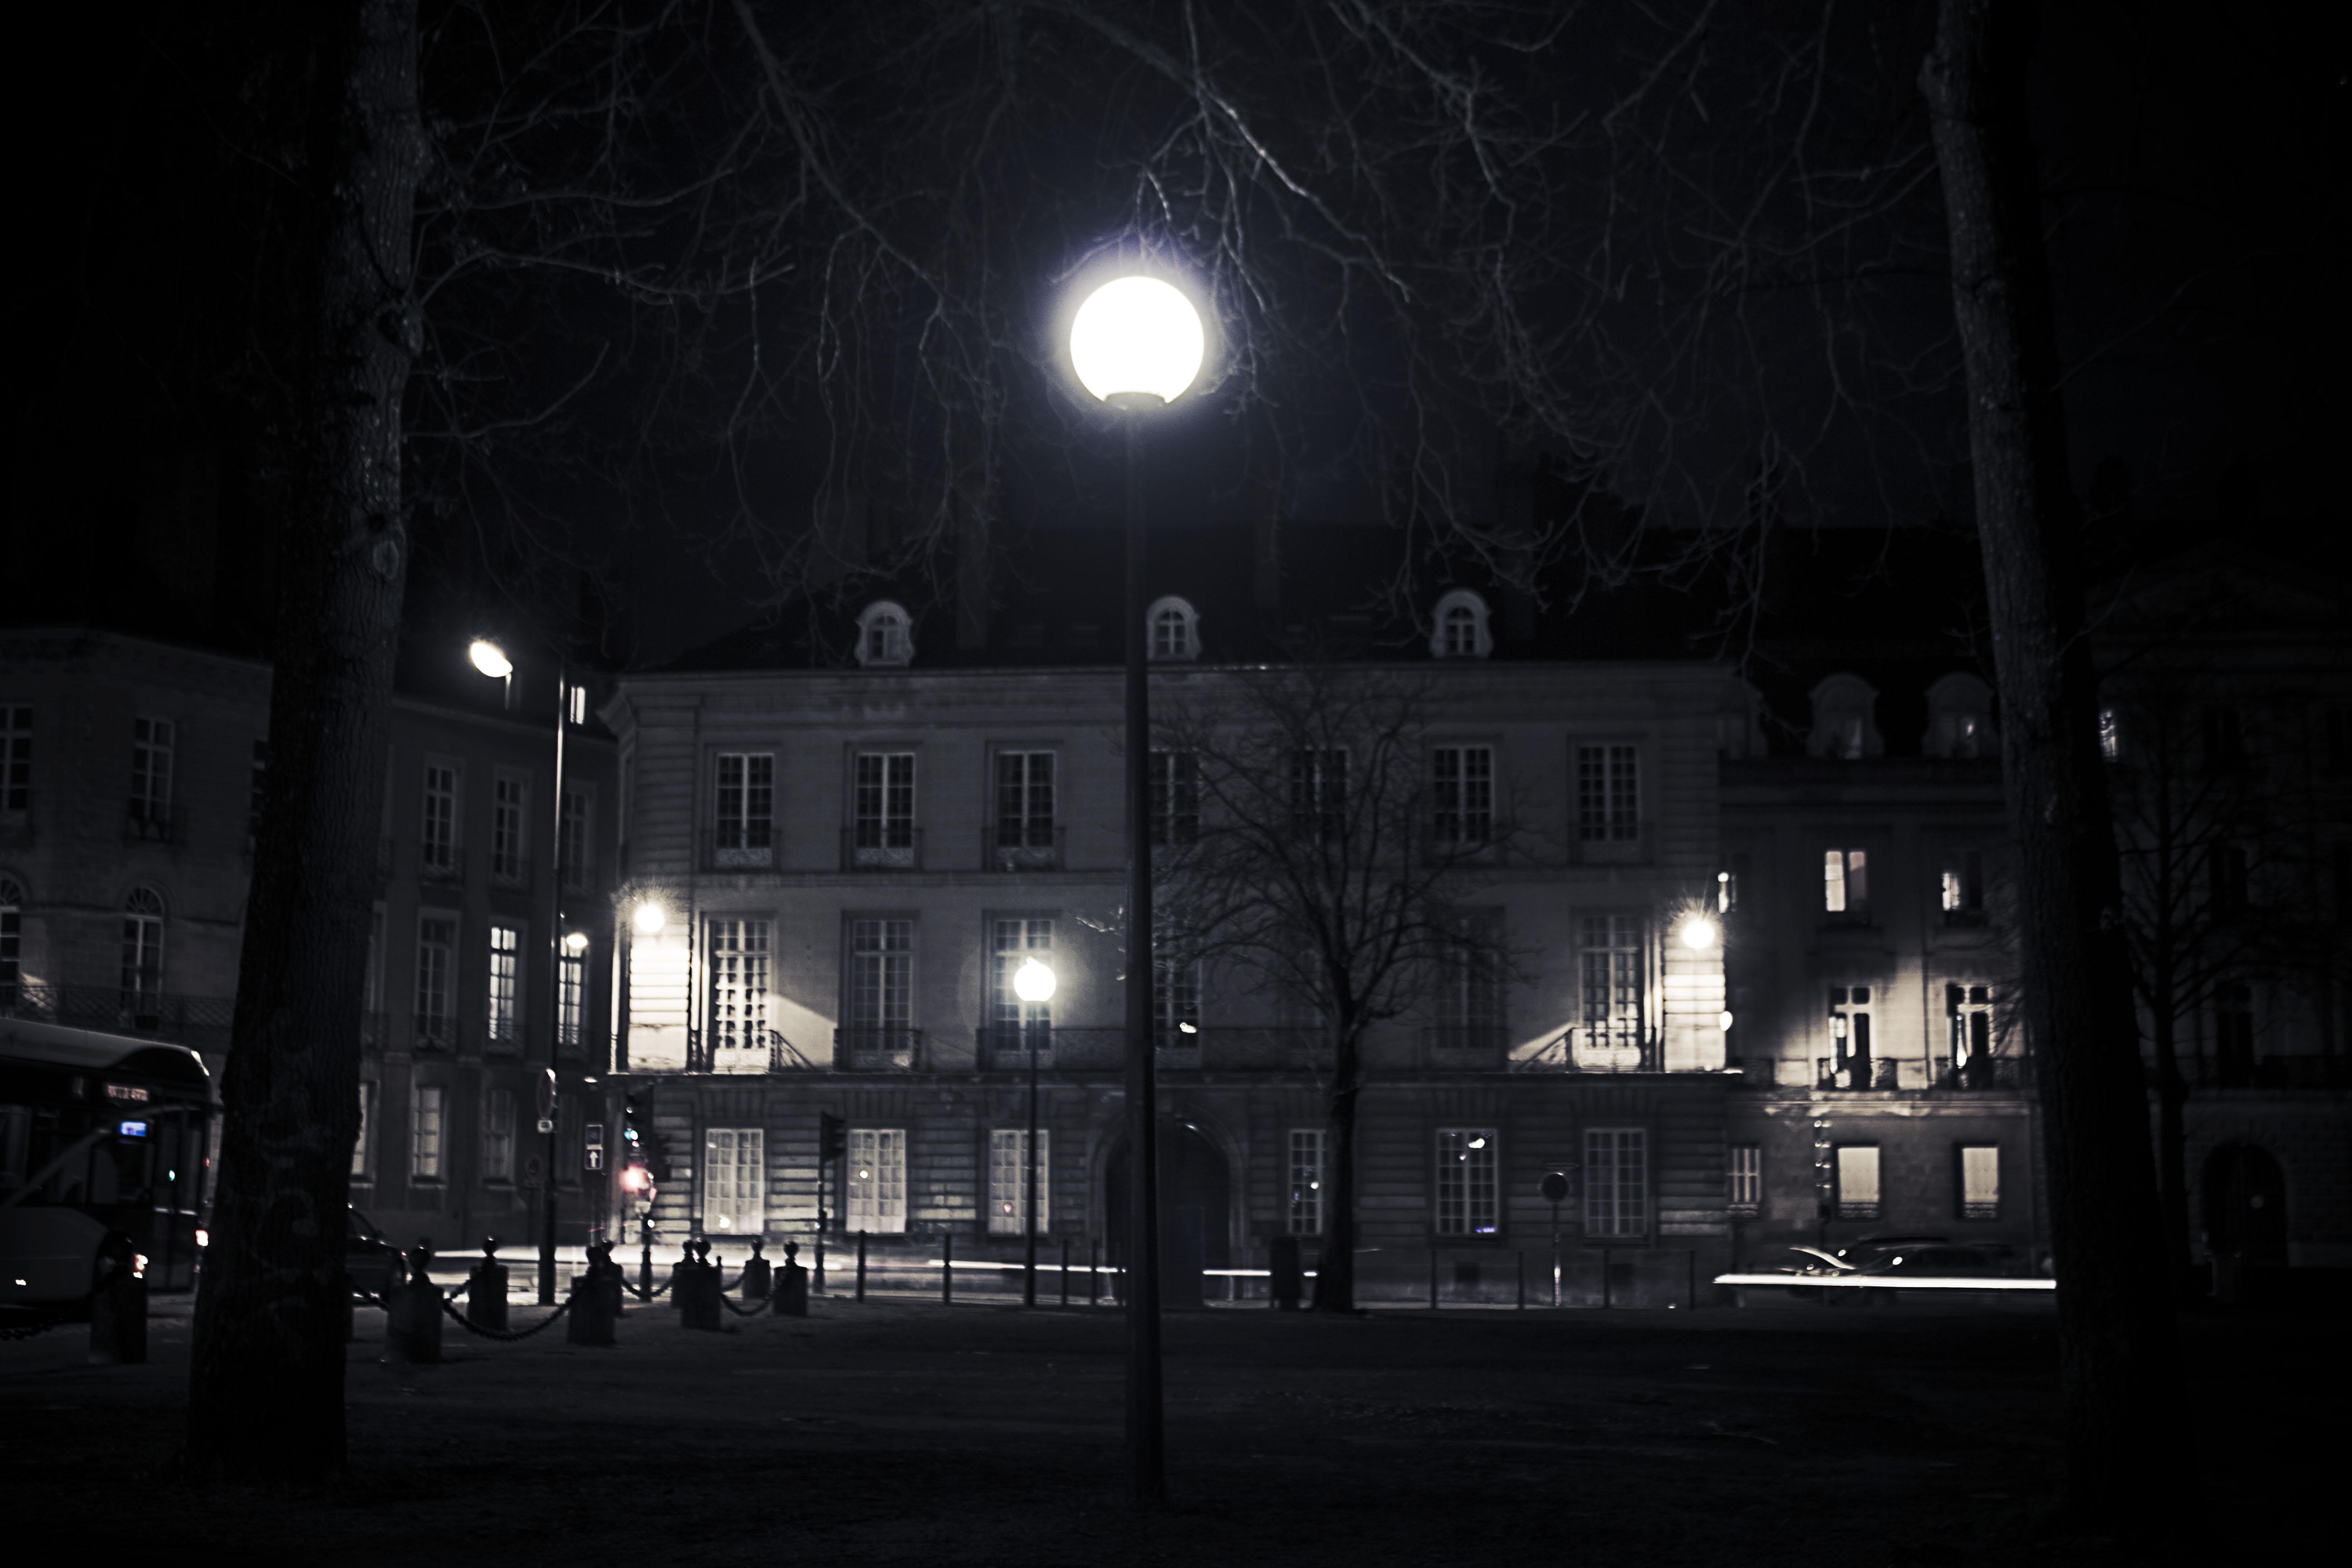 Le lampadaire Nantais by Bijou44